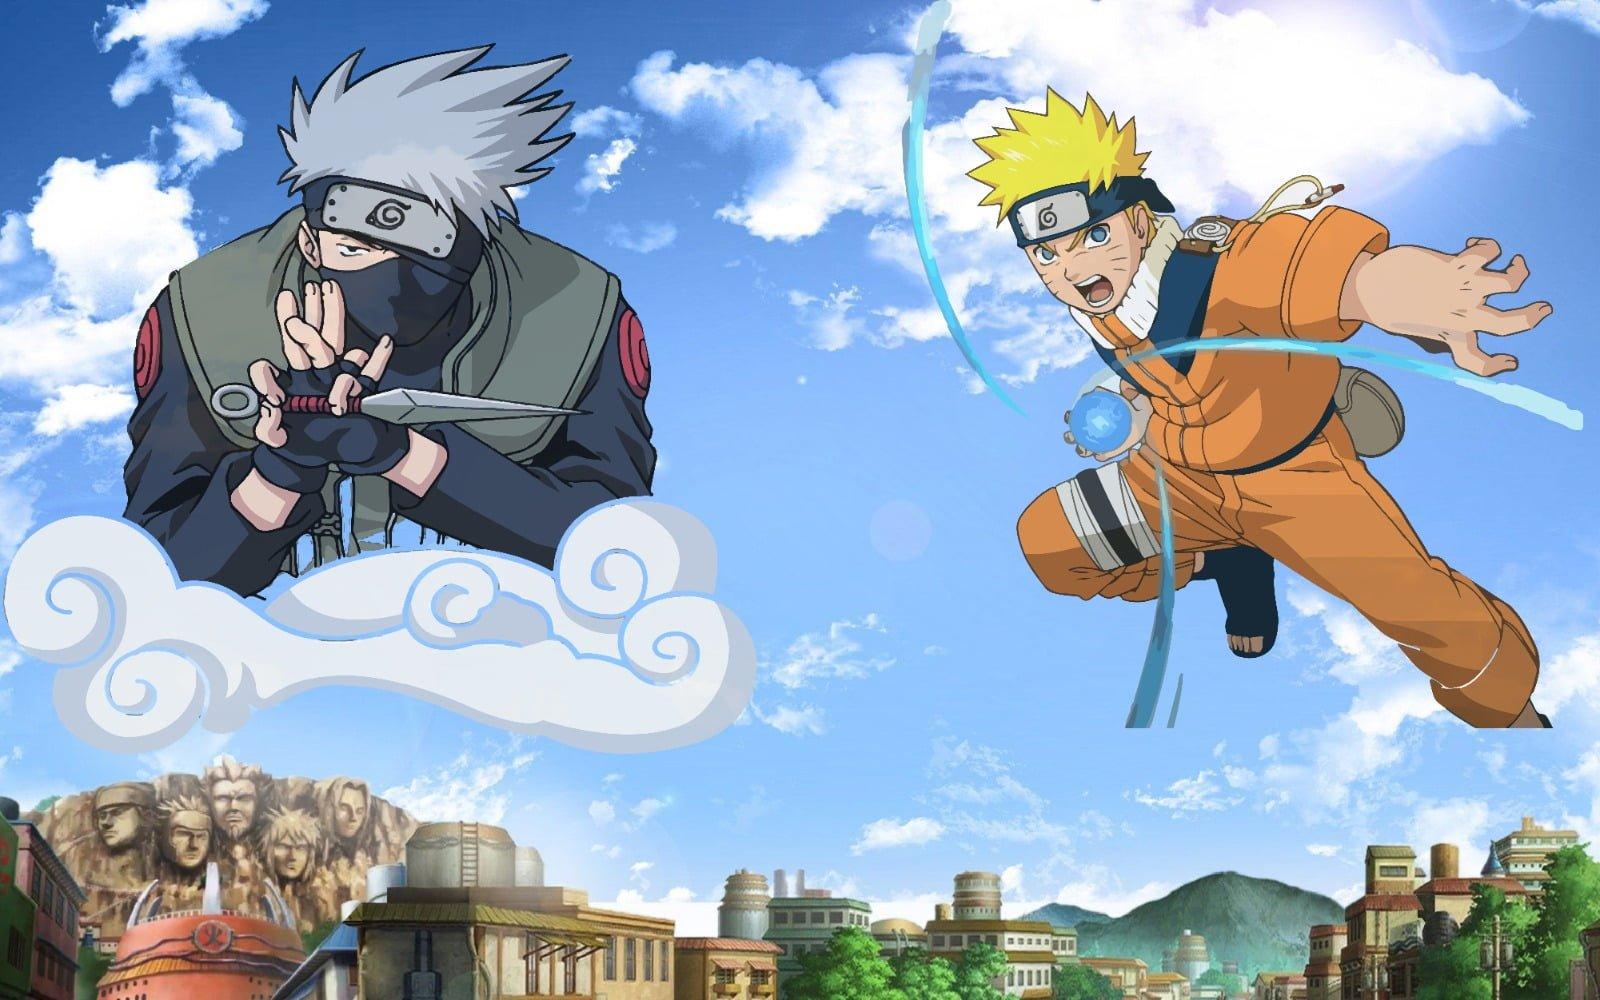 en iyi anime dizileri, en iyi anime önerileri, en iyi animeler, en güzel animeler, anime dizi önerileri, anime dizi tavsiyeleri, en iyi japon anime dizileri, en çok izlenen animeler, en popüler animeler, imdb puanına göre en iyi anime diziler